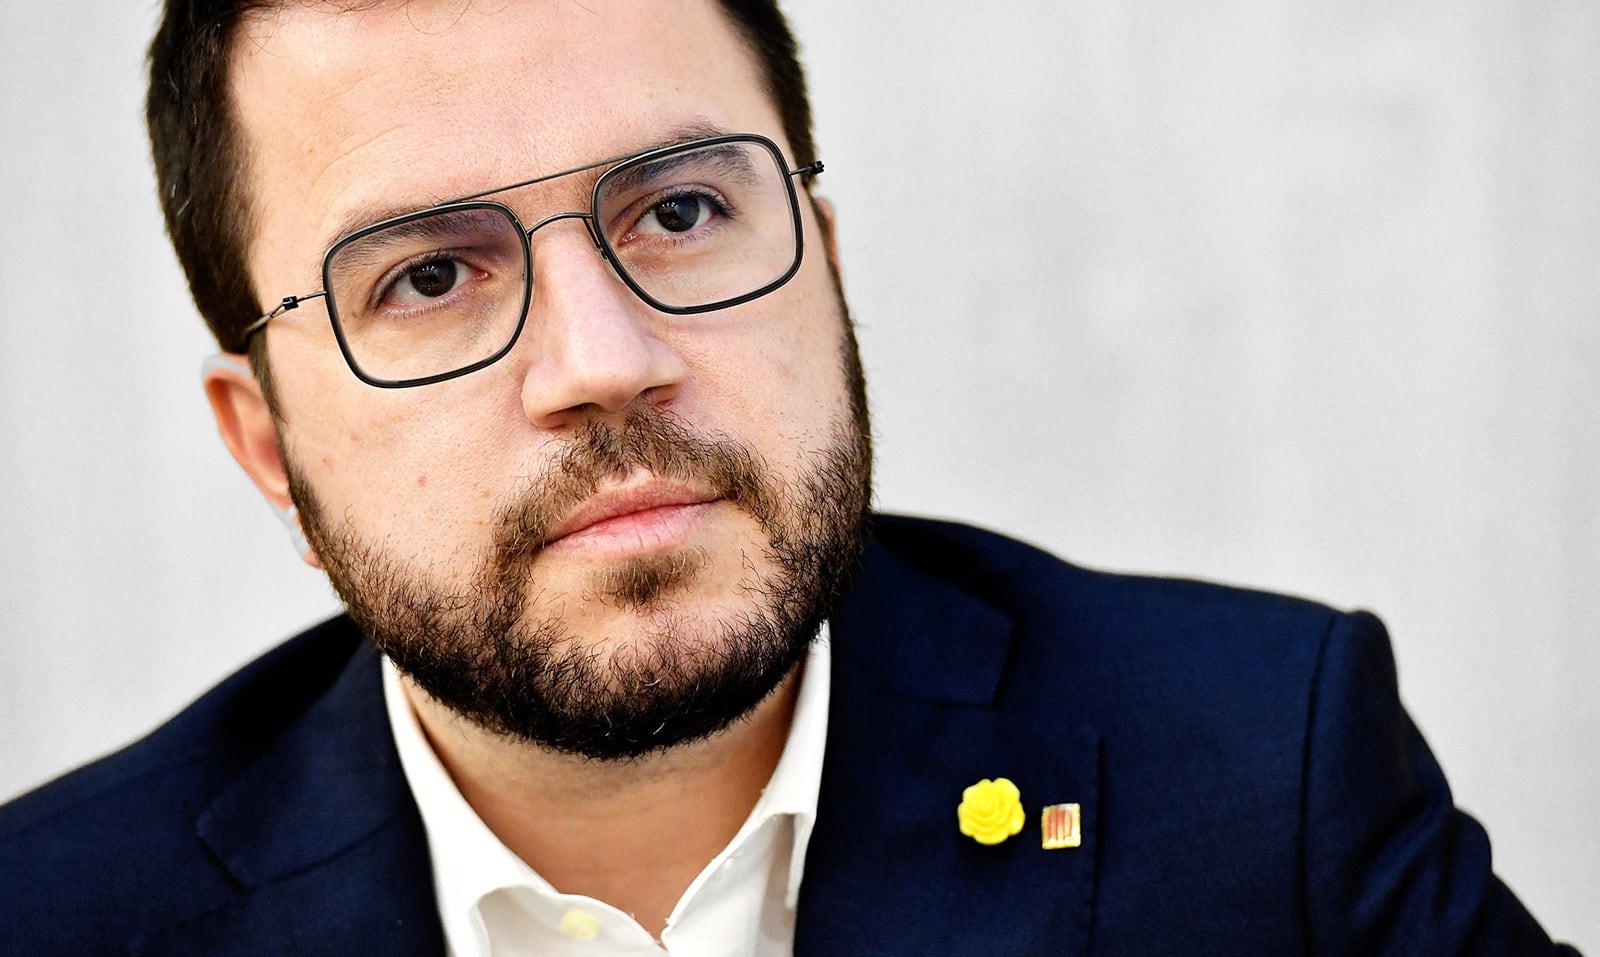 Pere Aragonès retratat a la seu d'ERC, durant la campanya electoral, al febrer. Fotografia de Xavier Jubierre.